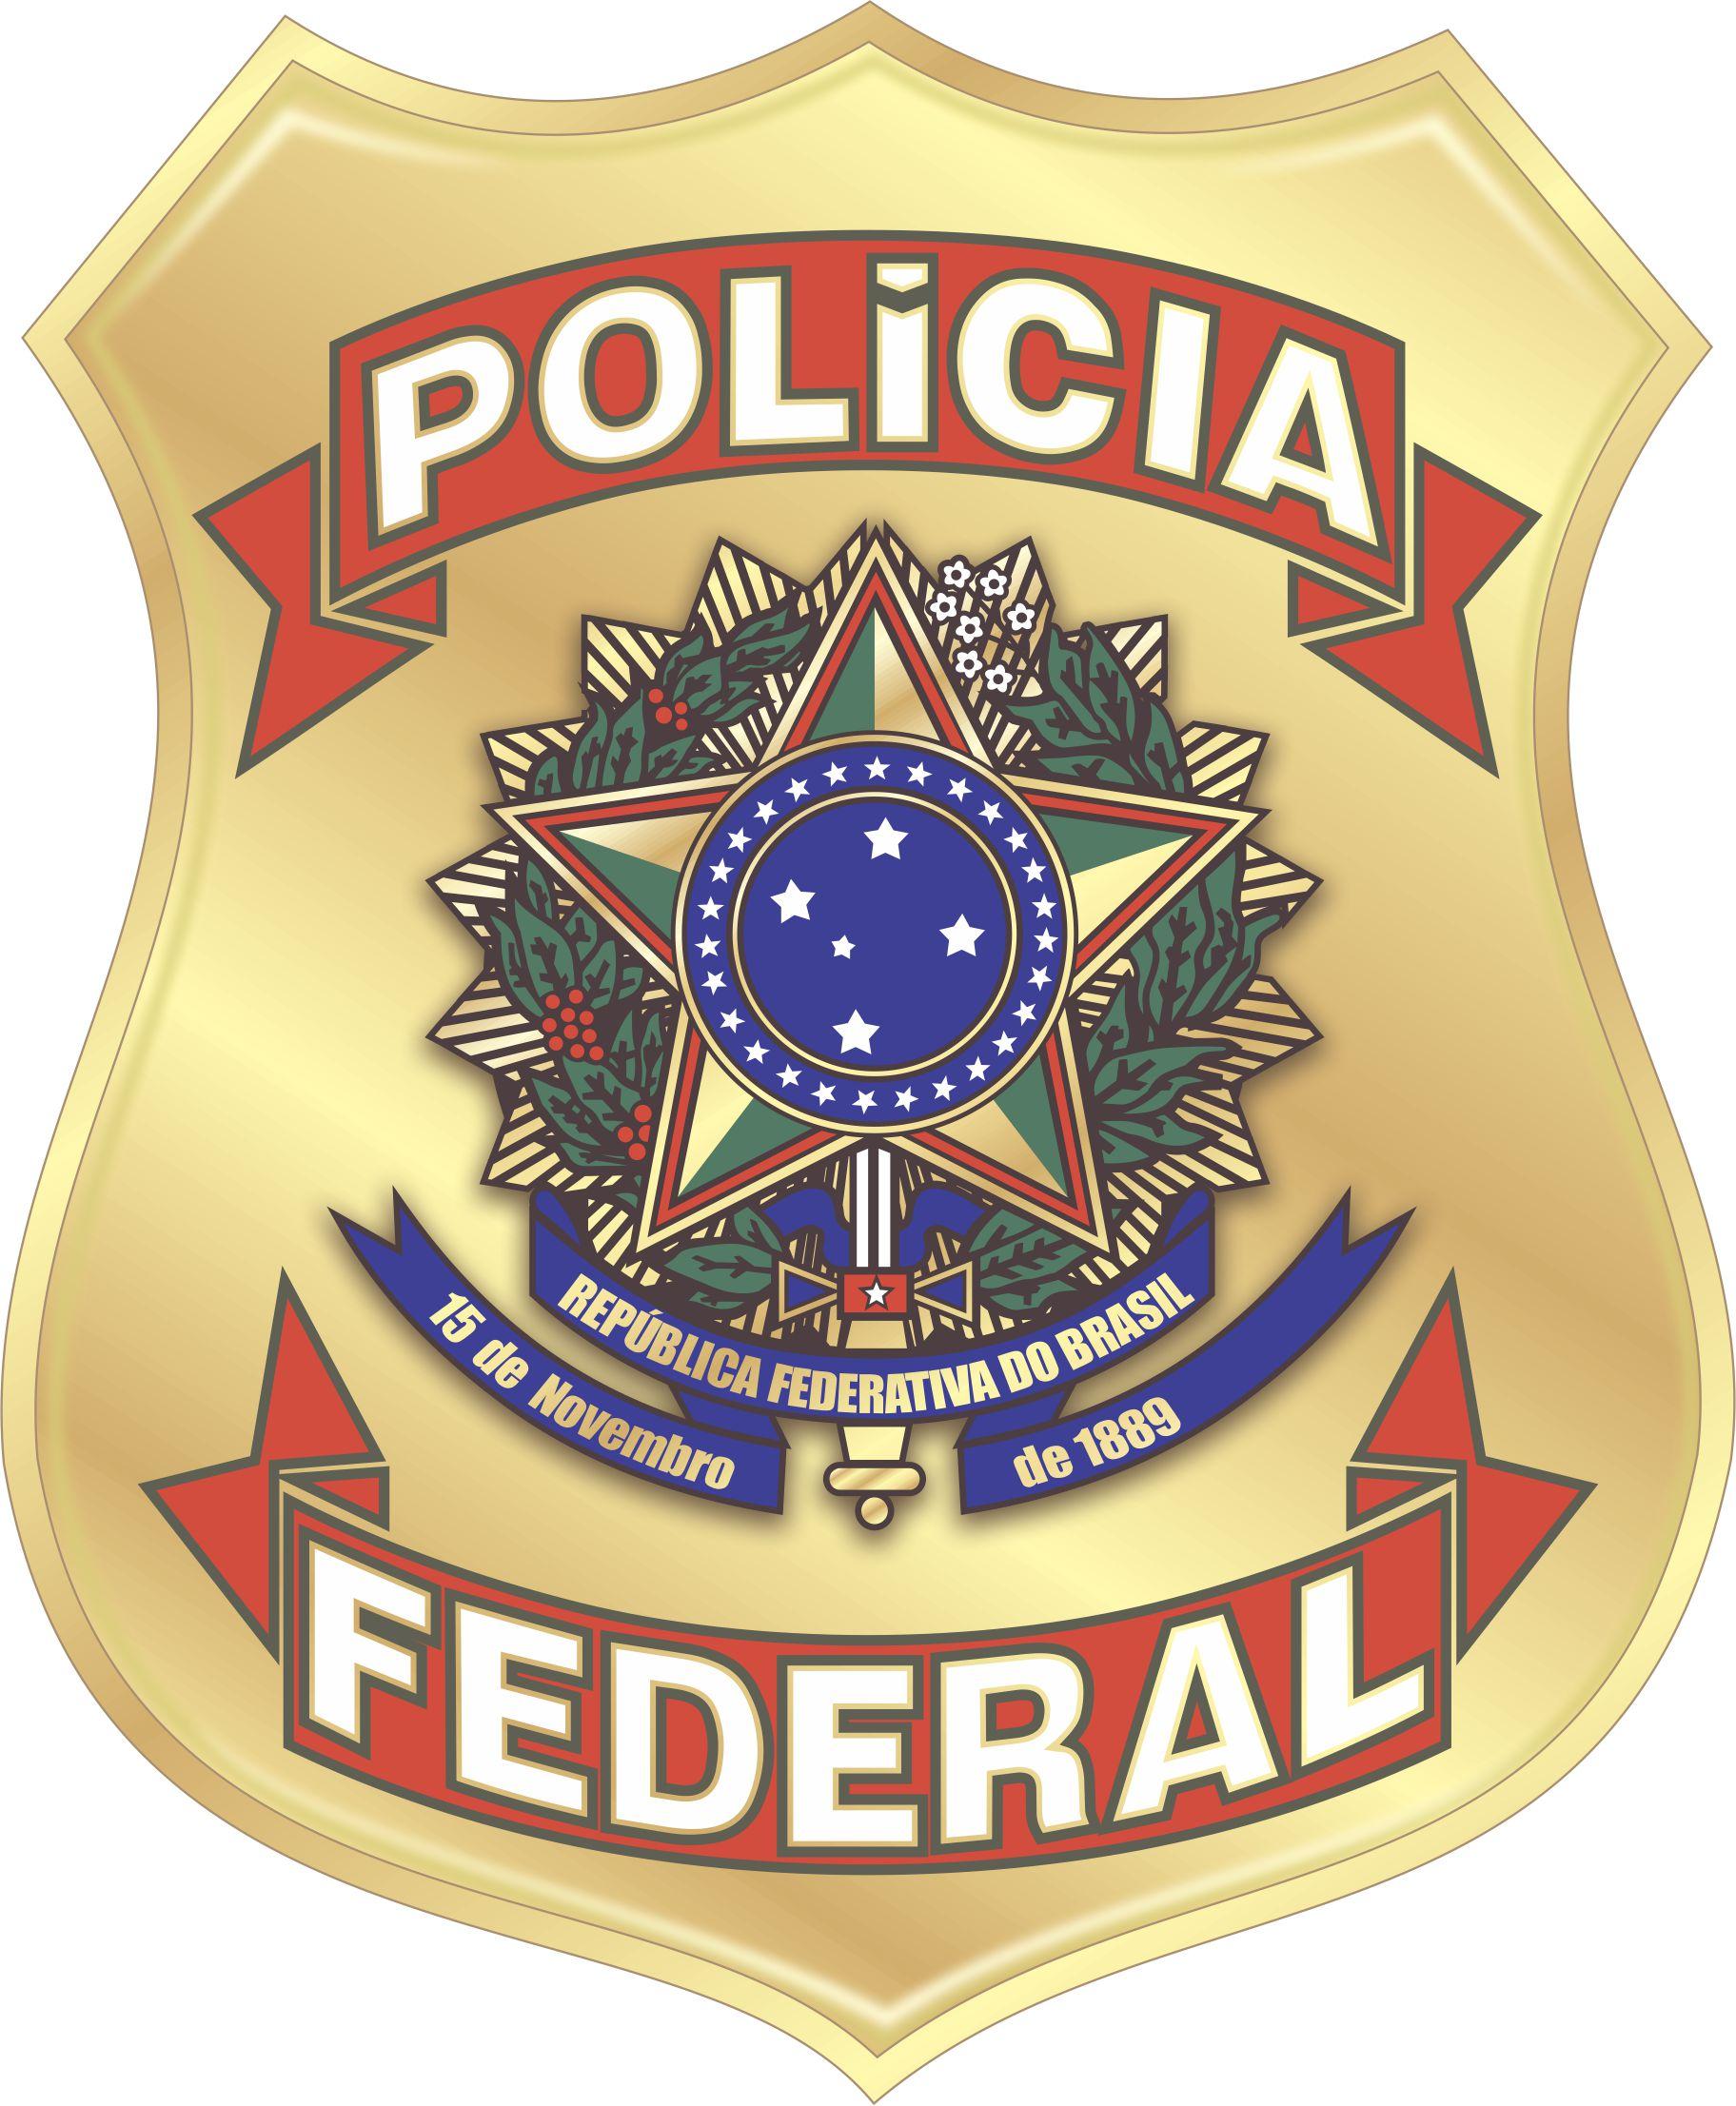 Policia Federal Logo.